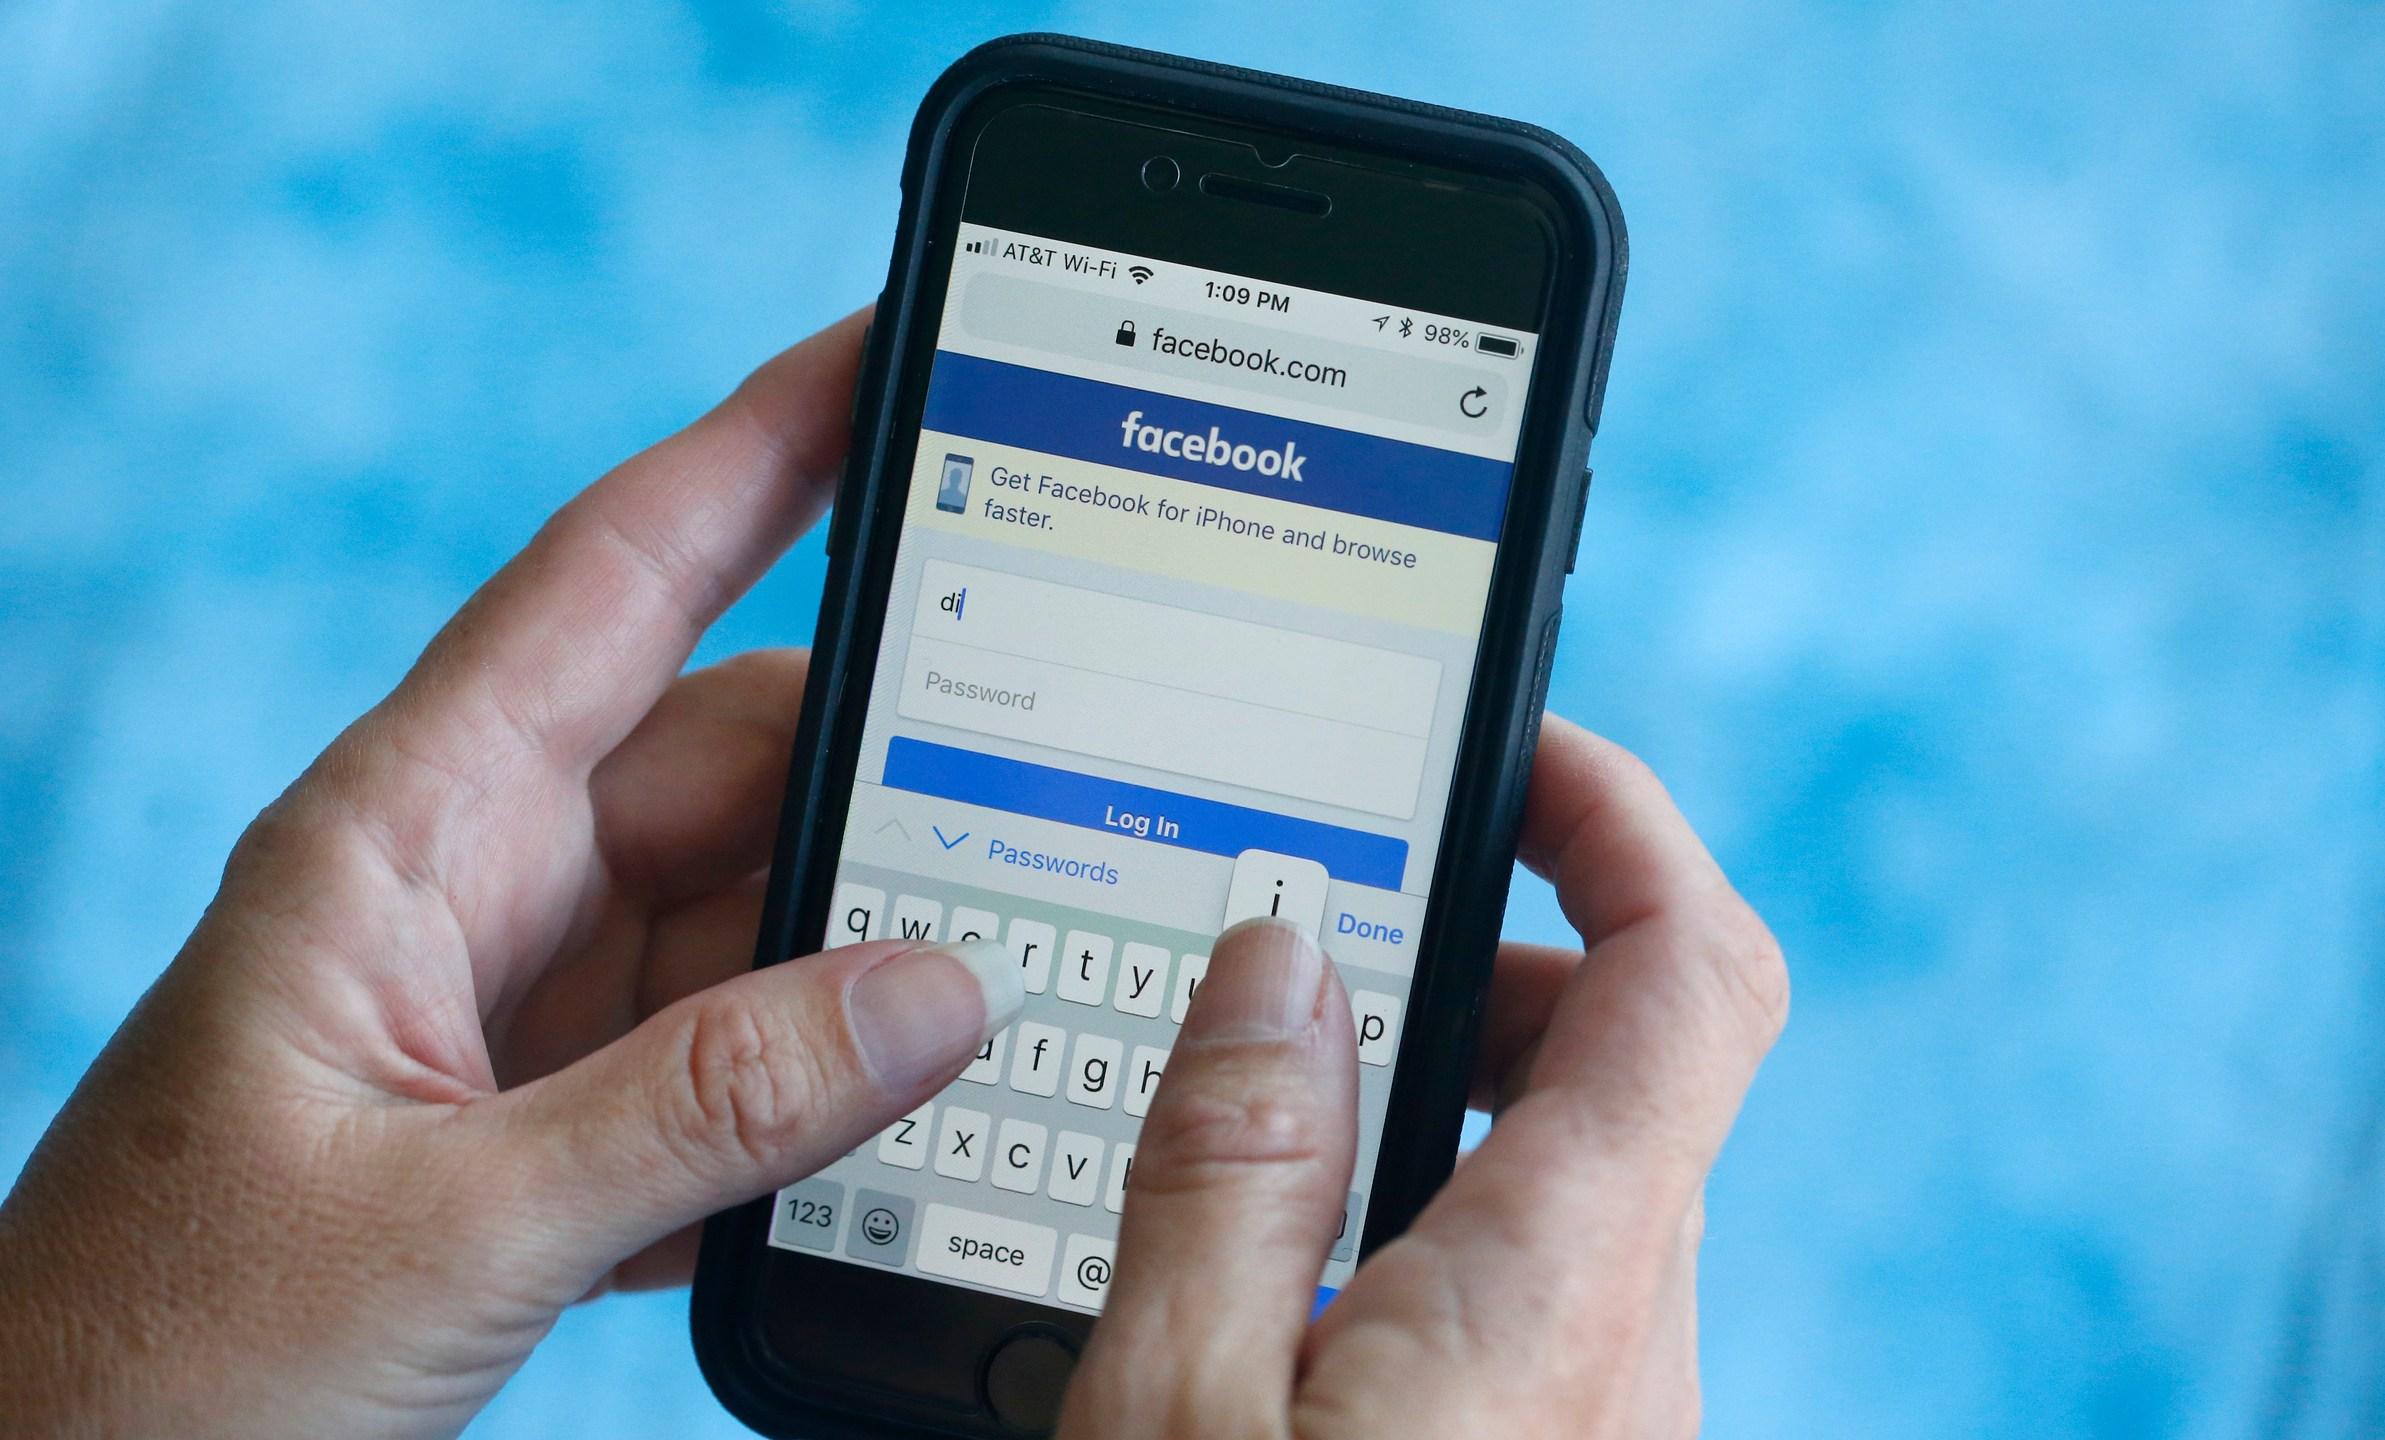 Facebook_Passwords_54275-159532.jpg96743159